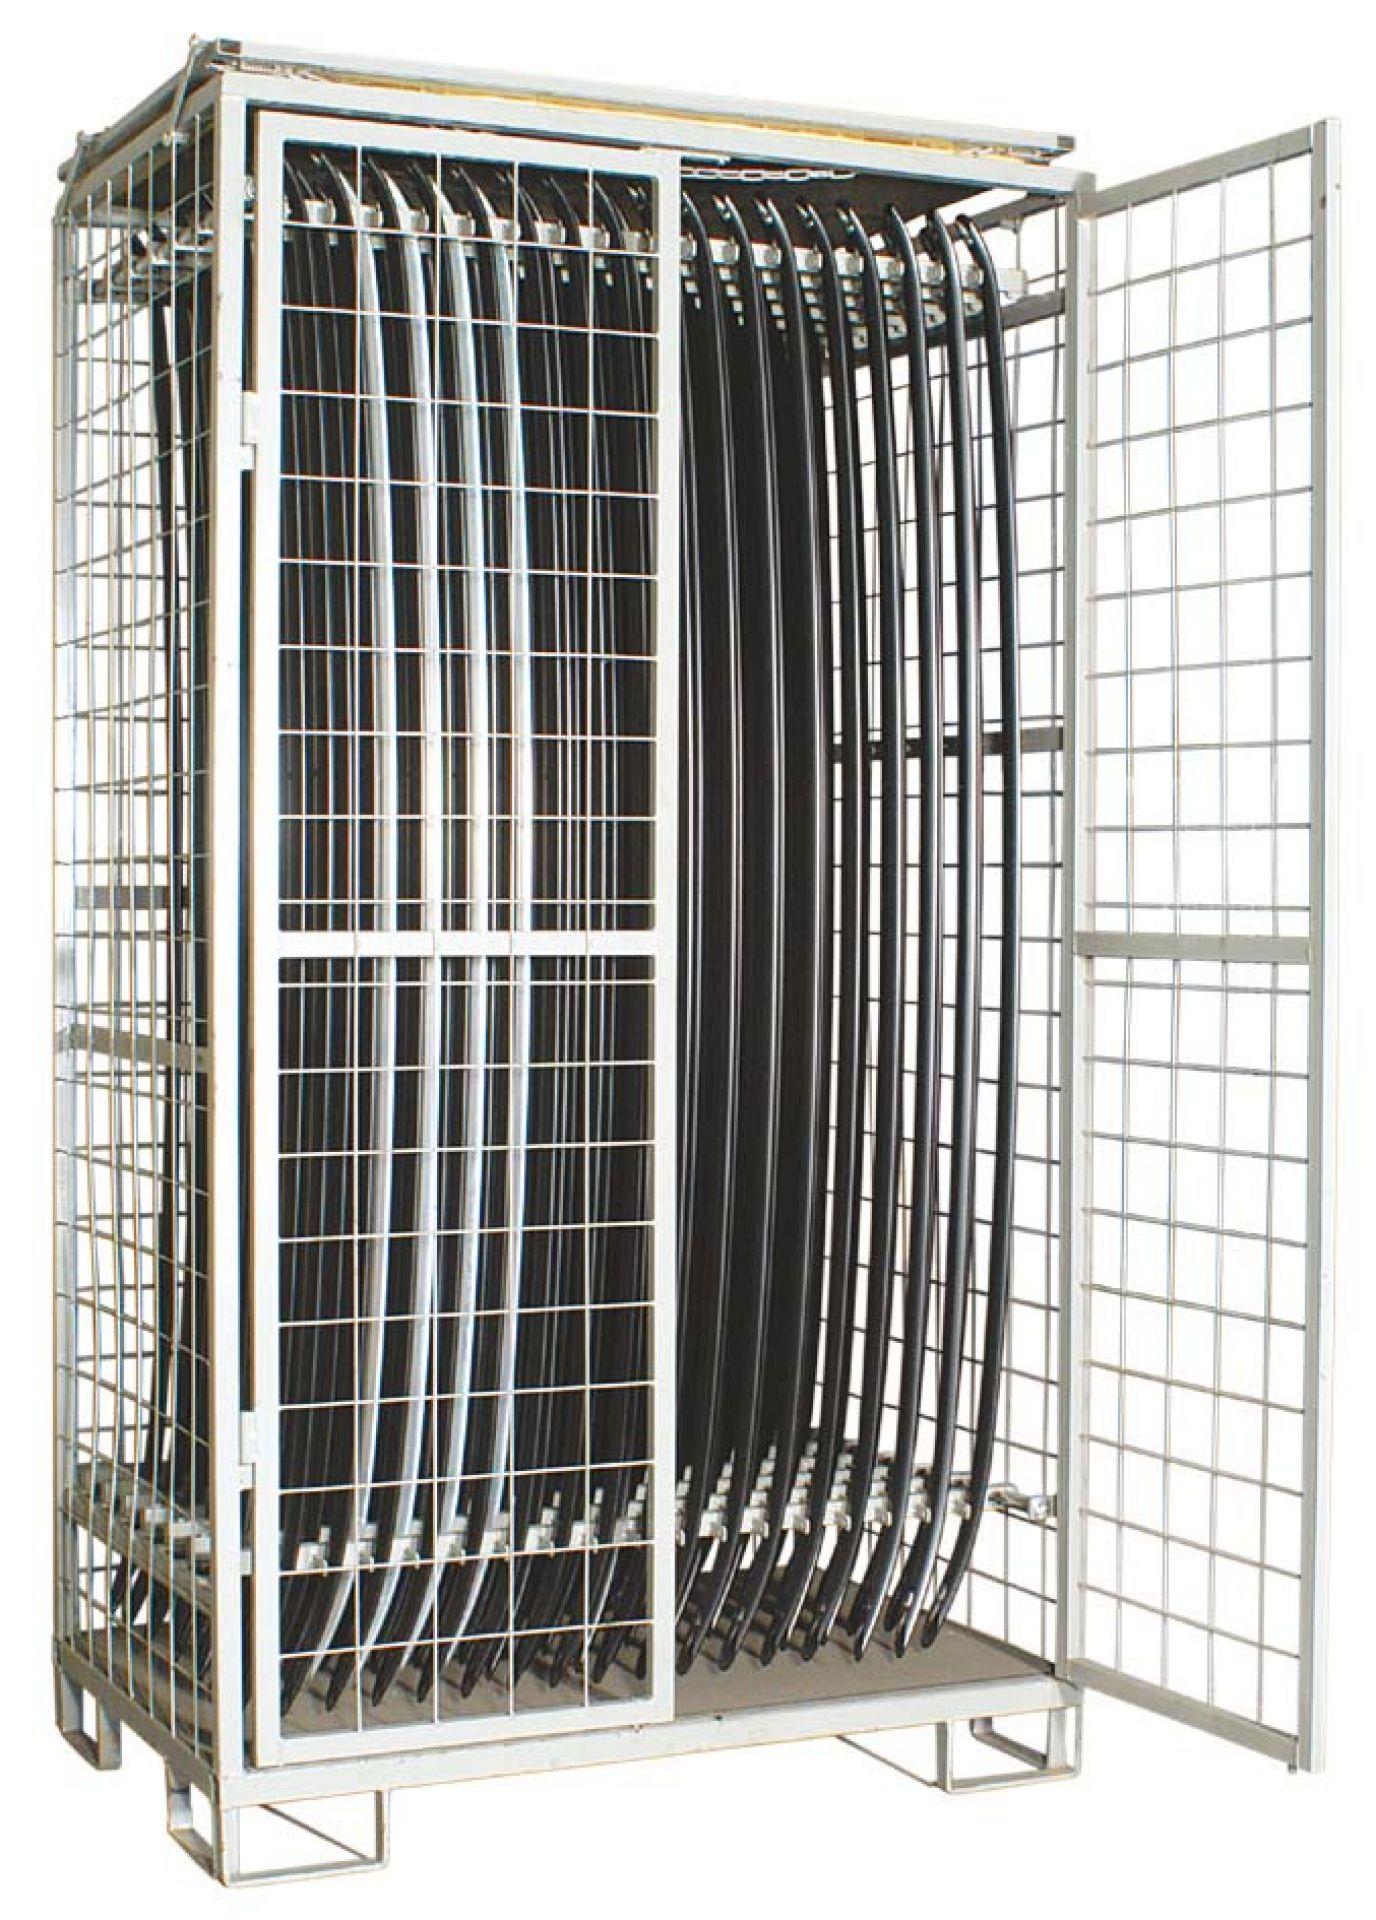 Gitterbehälter für Dachrelinge